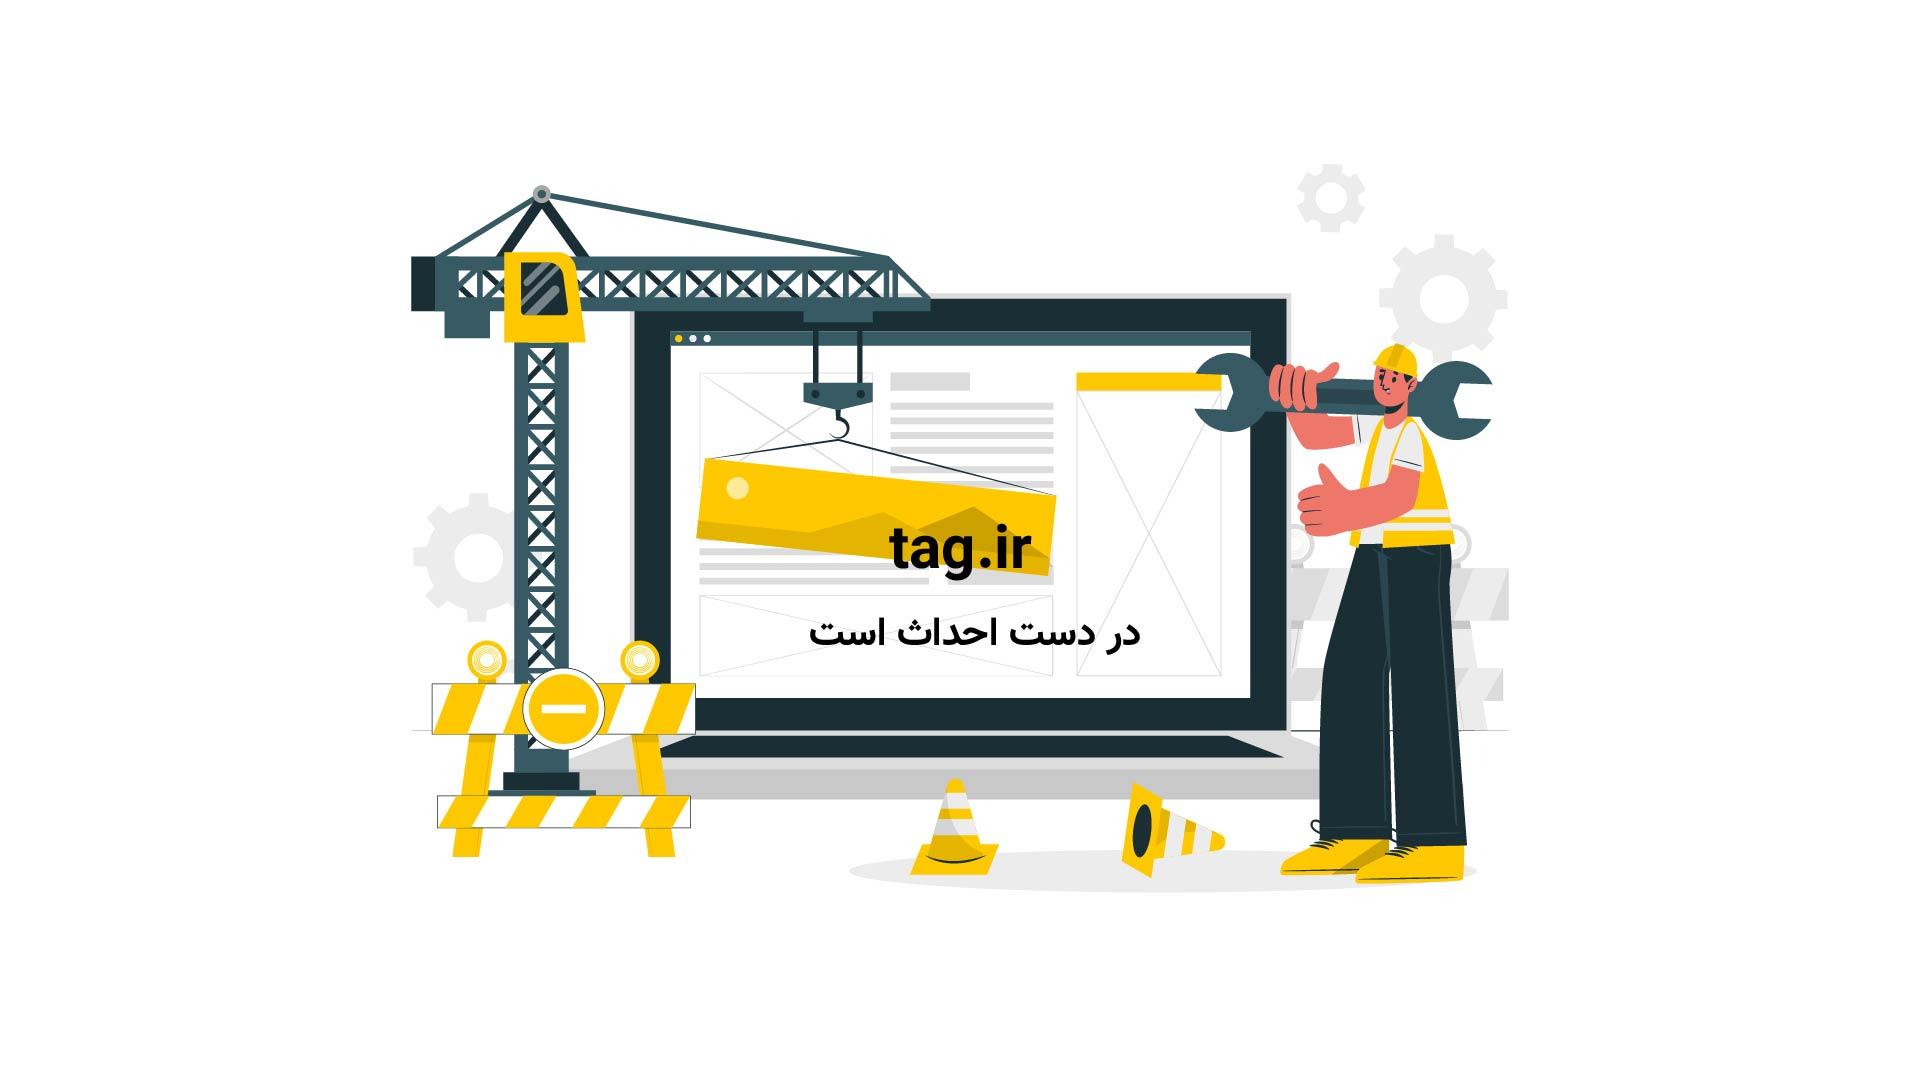 روباتها نمایشگاه فناوری برلین را تسخیر کردند | تگ